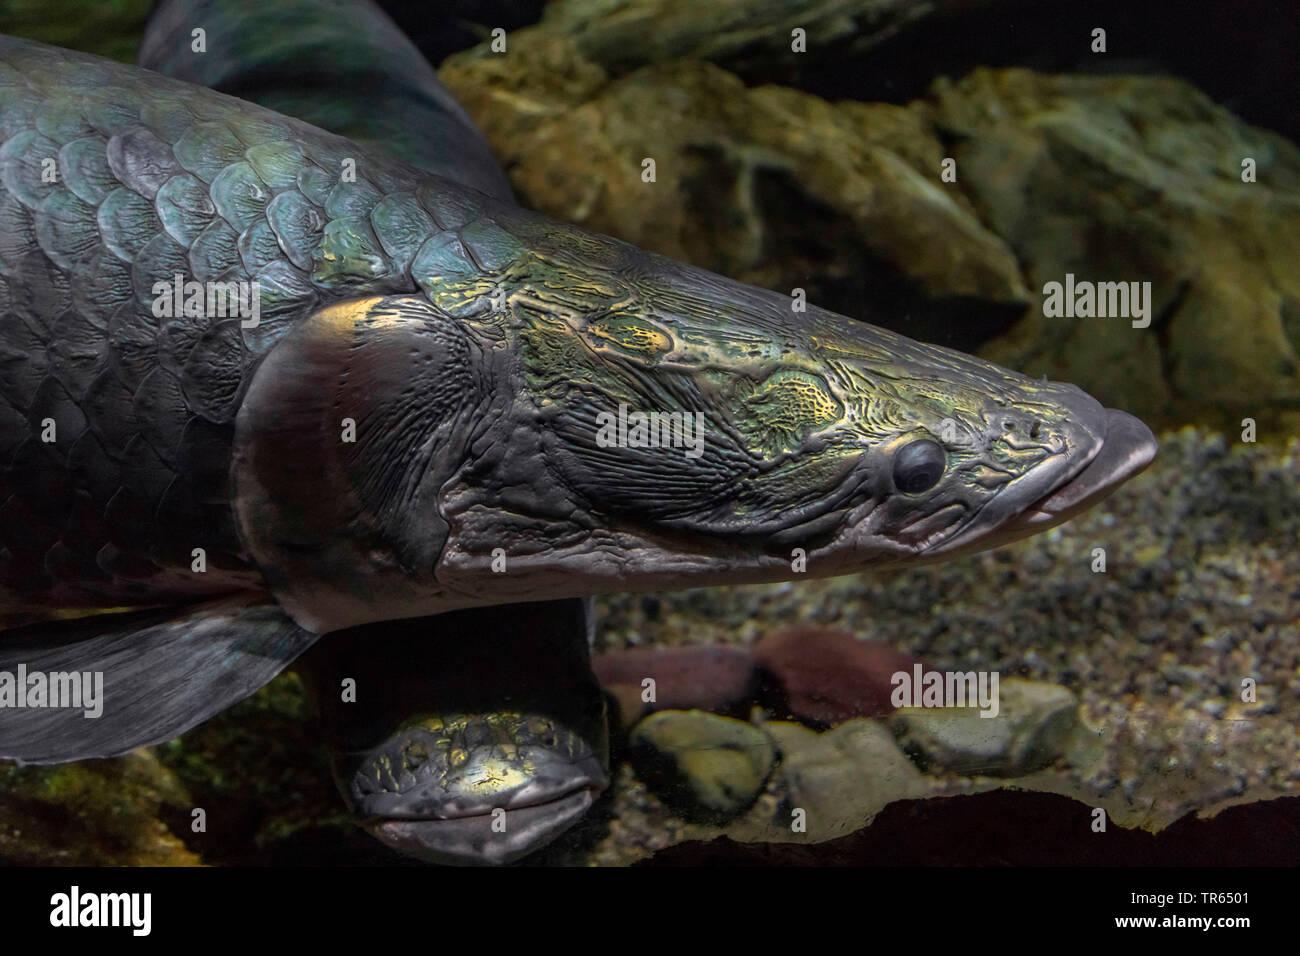 d7888052746 Pirarucu Fish Stock Photos & Pirarucu Fish Stock Images - Alamy